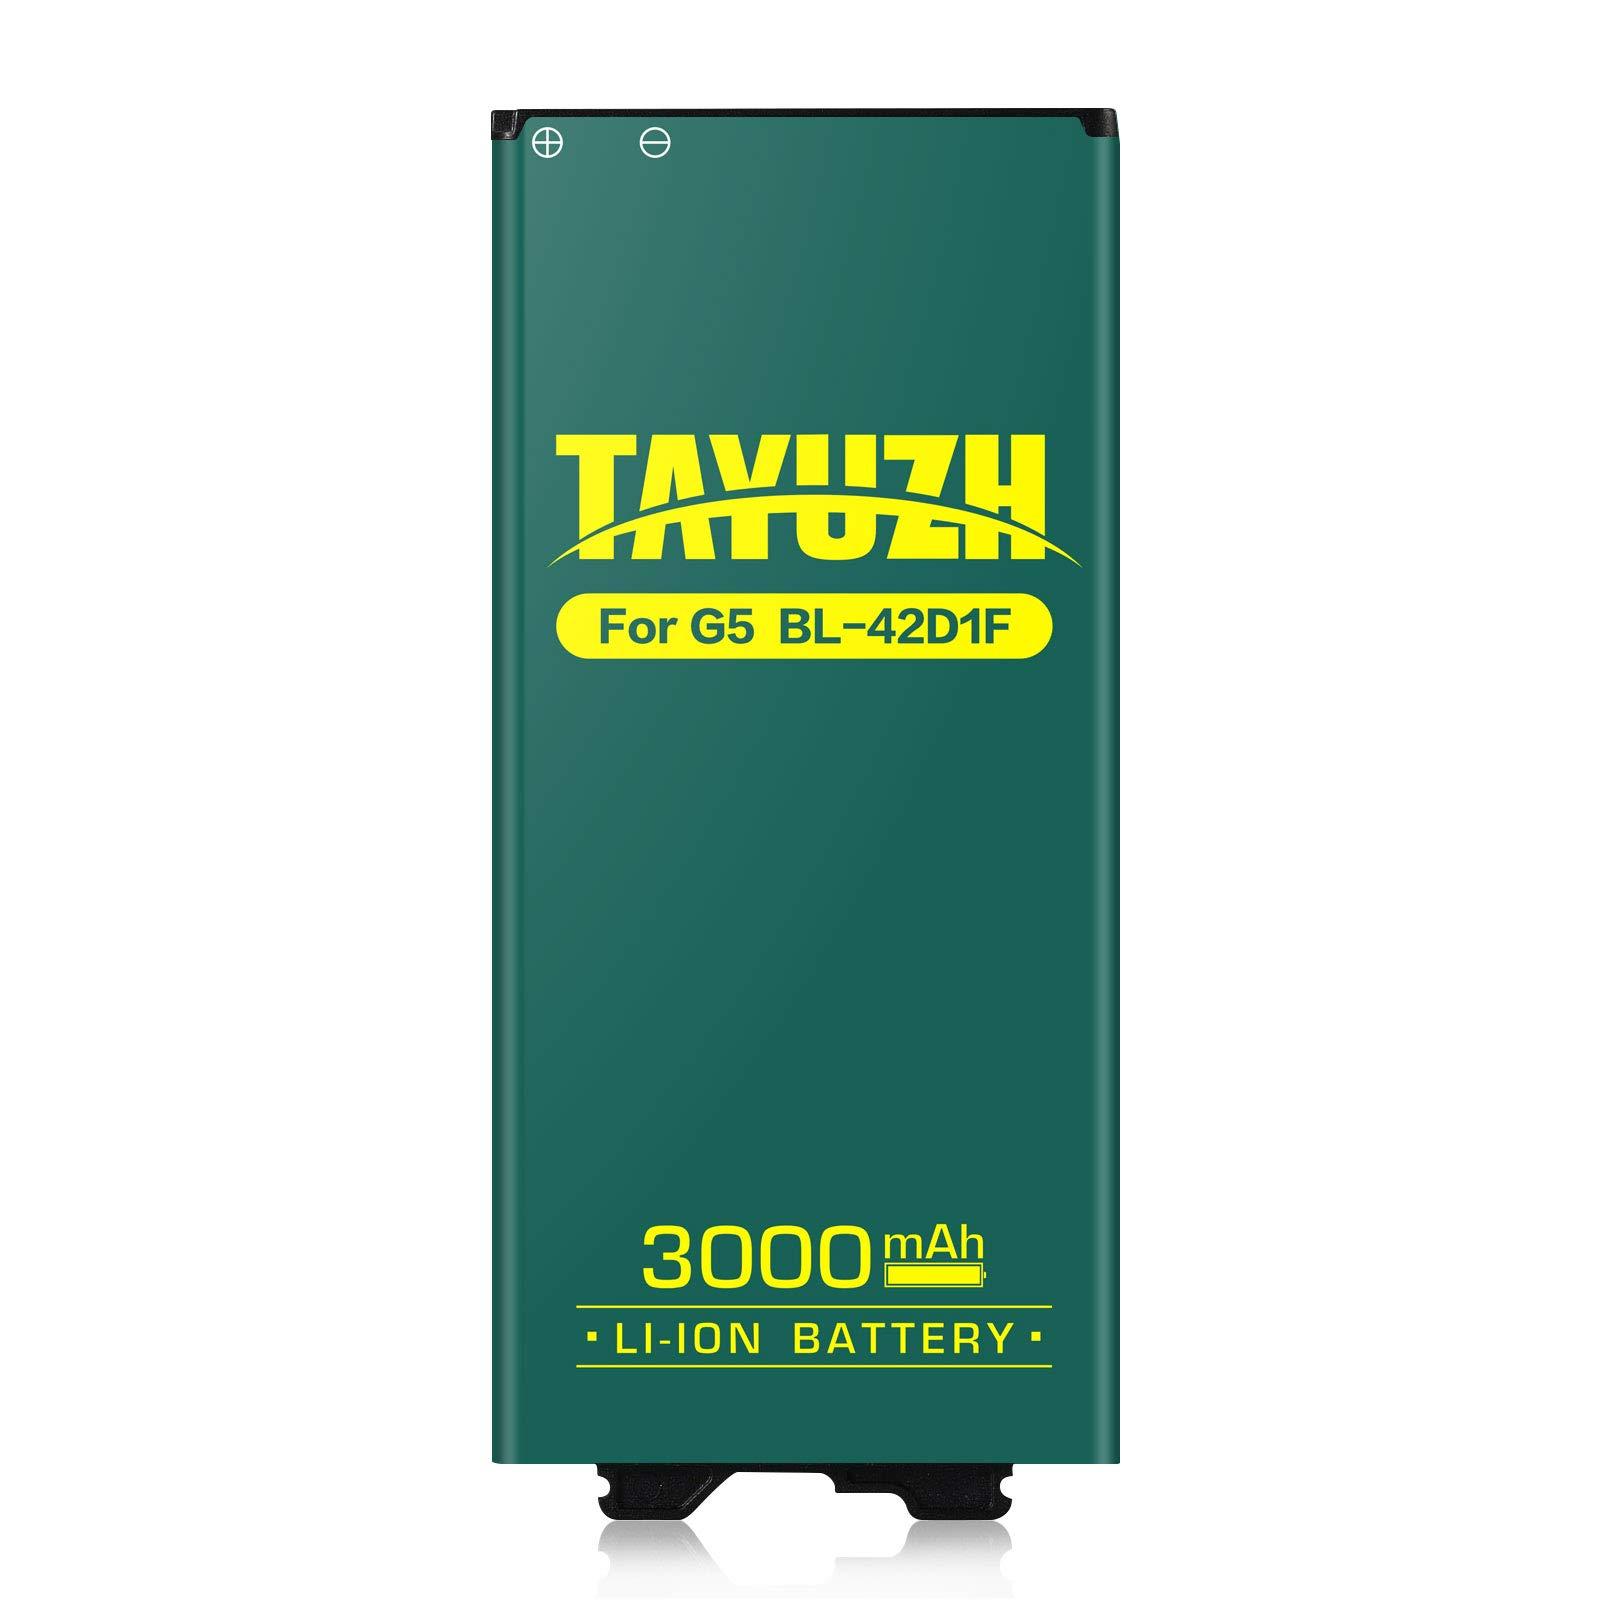 Bateria Celular Lg G5 Tayuzh 3000mah Li Ion Para Lg G5 Bl 42d1f H820 Ls992 H830 Vs987 Us992 H845 Dual H850 H858 Spare 24